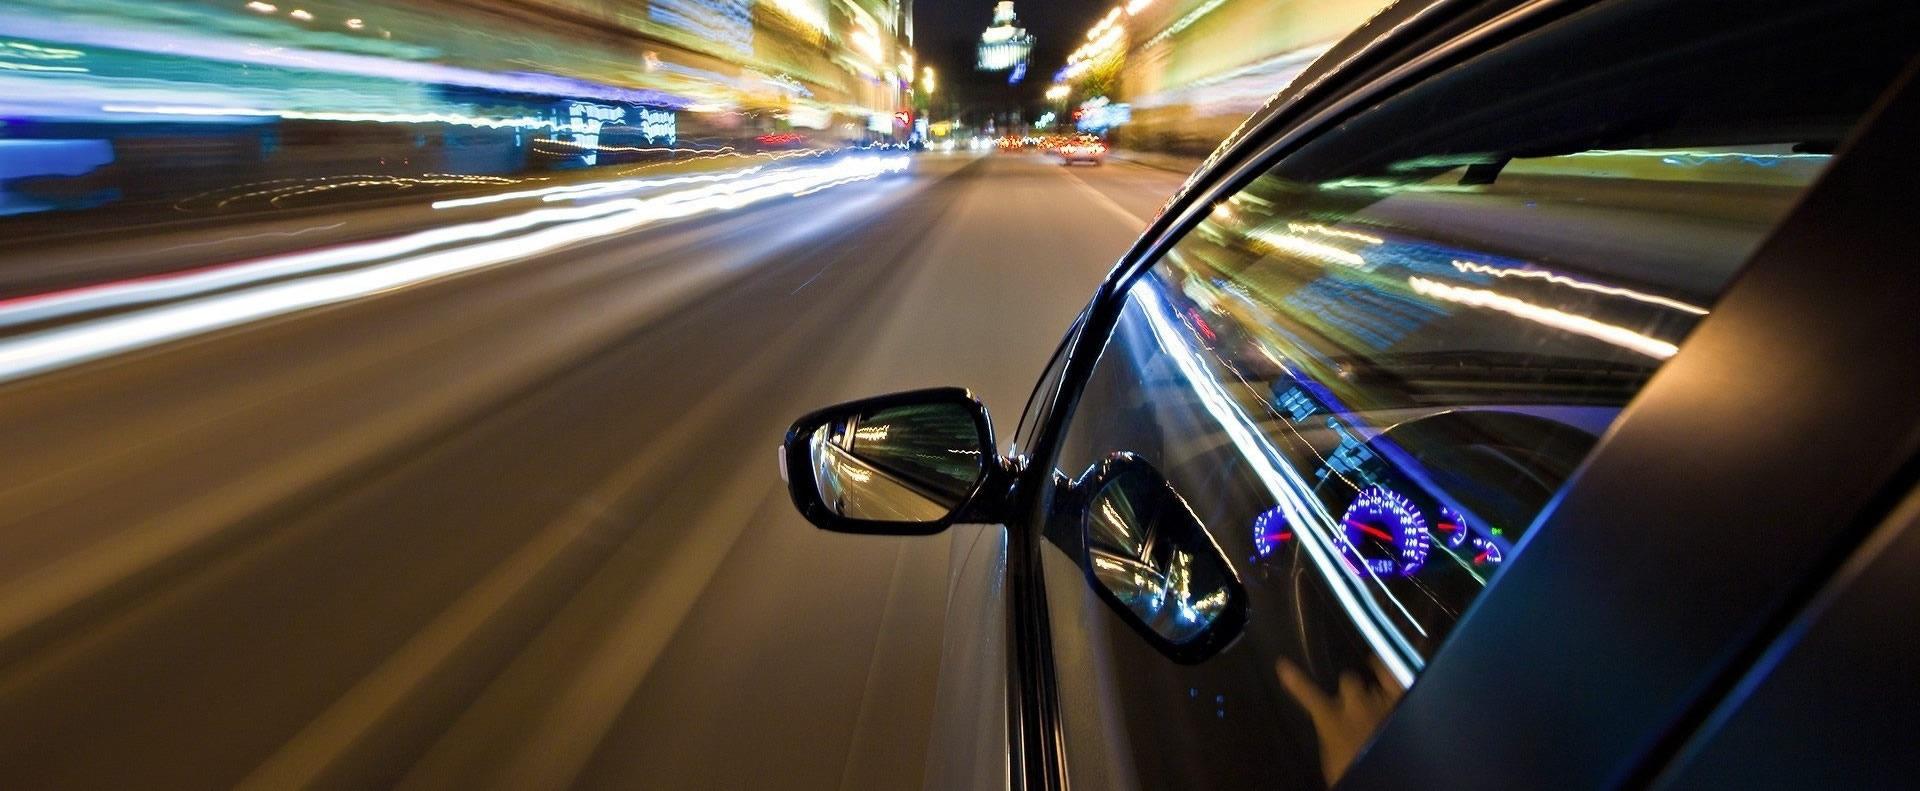 Costo delle contravvenzioni stradali - multe